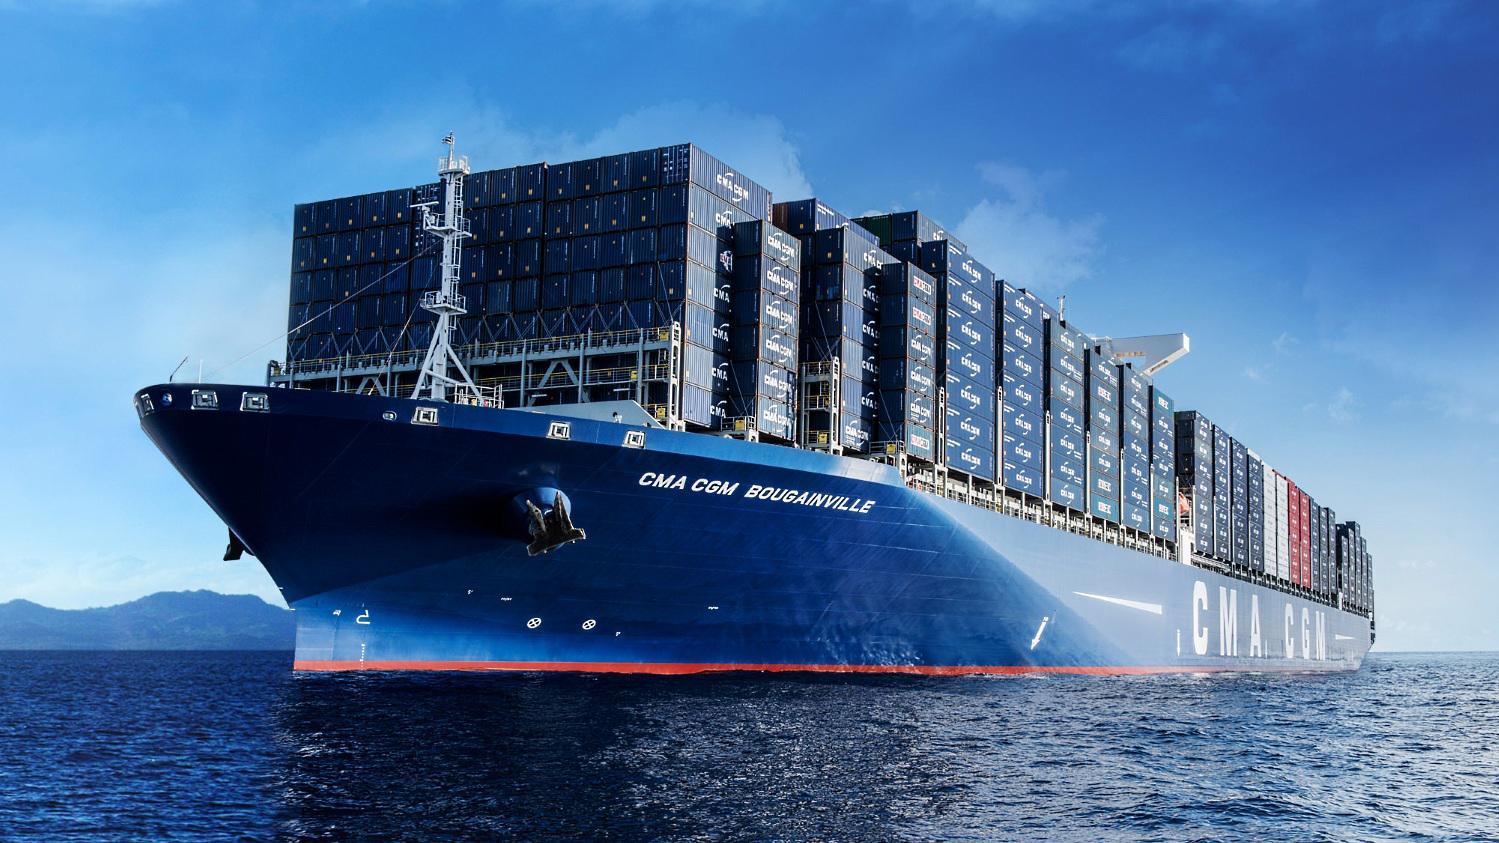 Le bougainville le plus gros porte containers au monde - Les plus grand port du monde ...